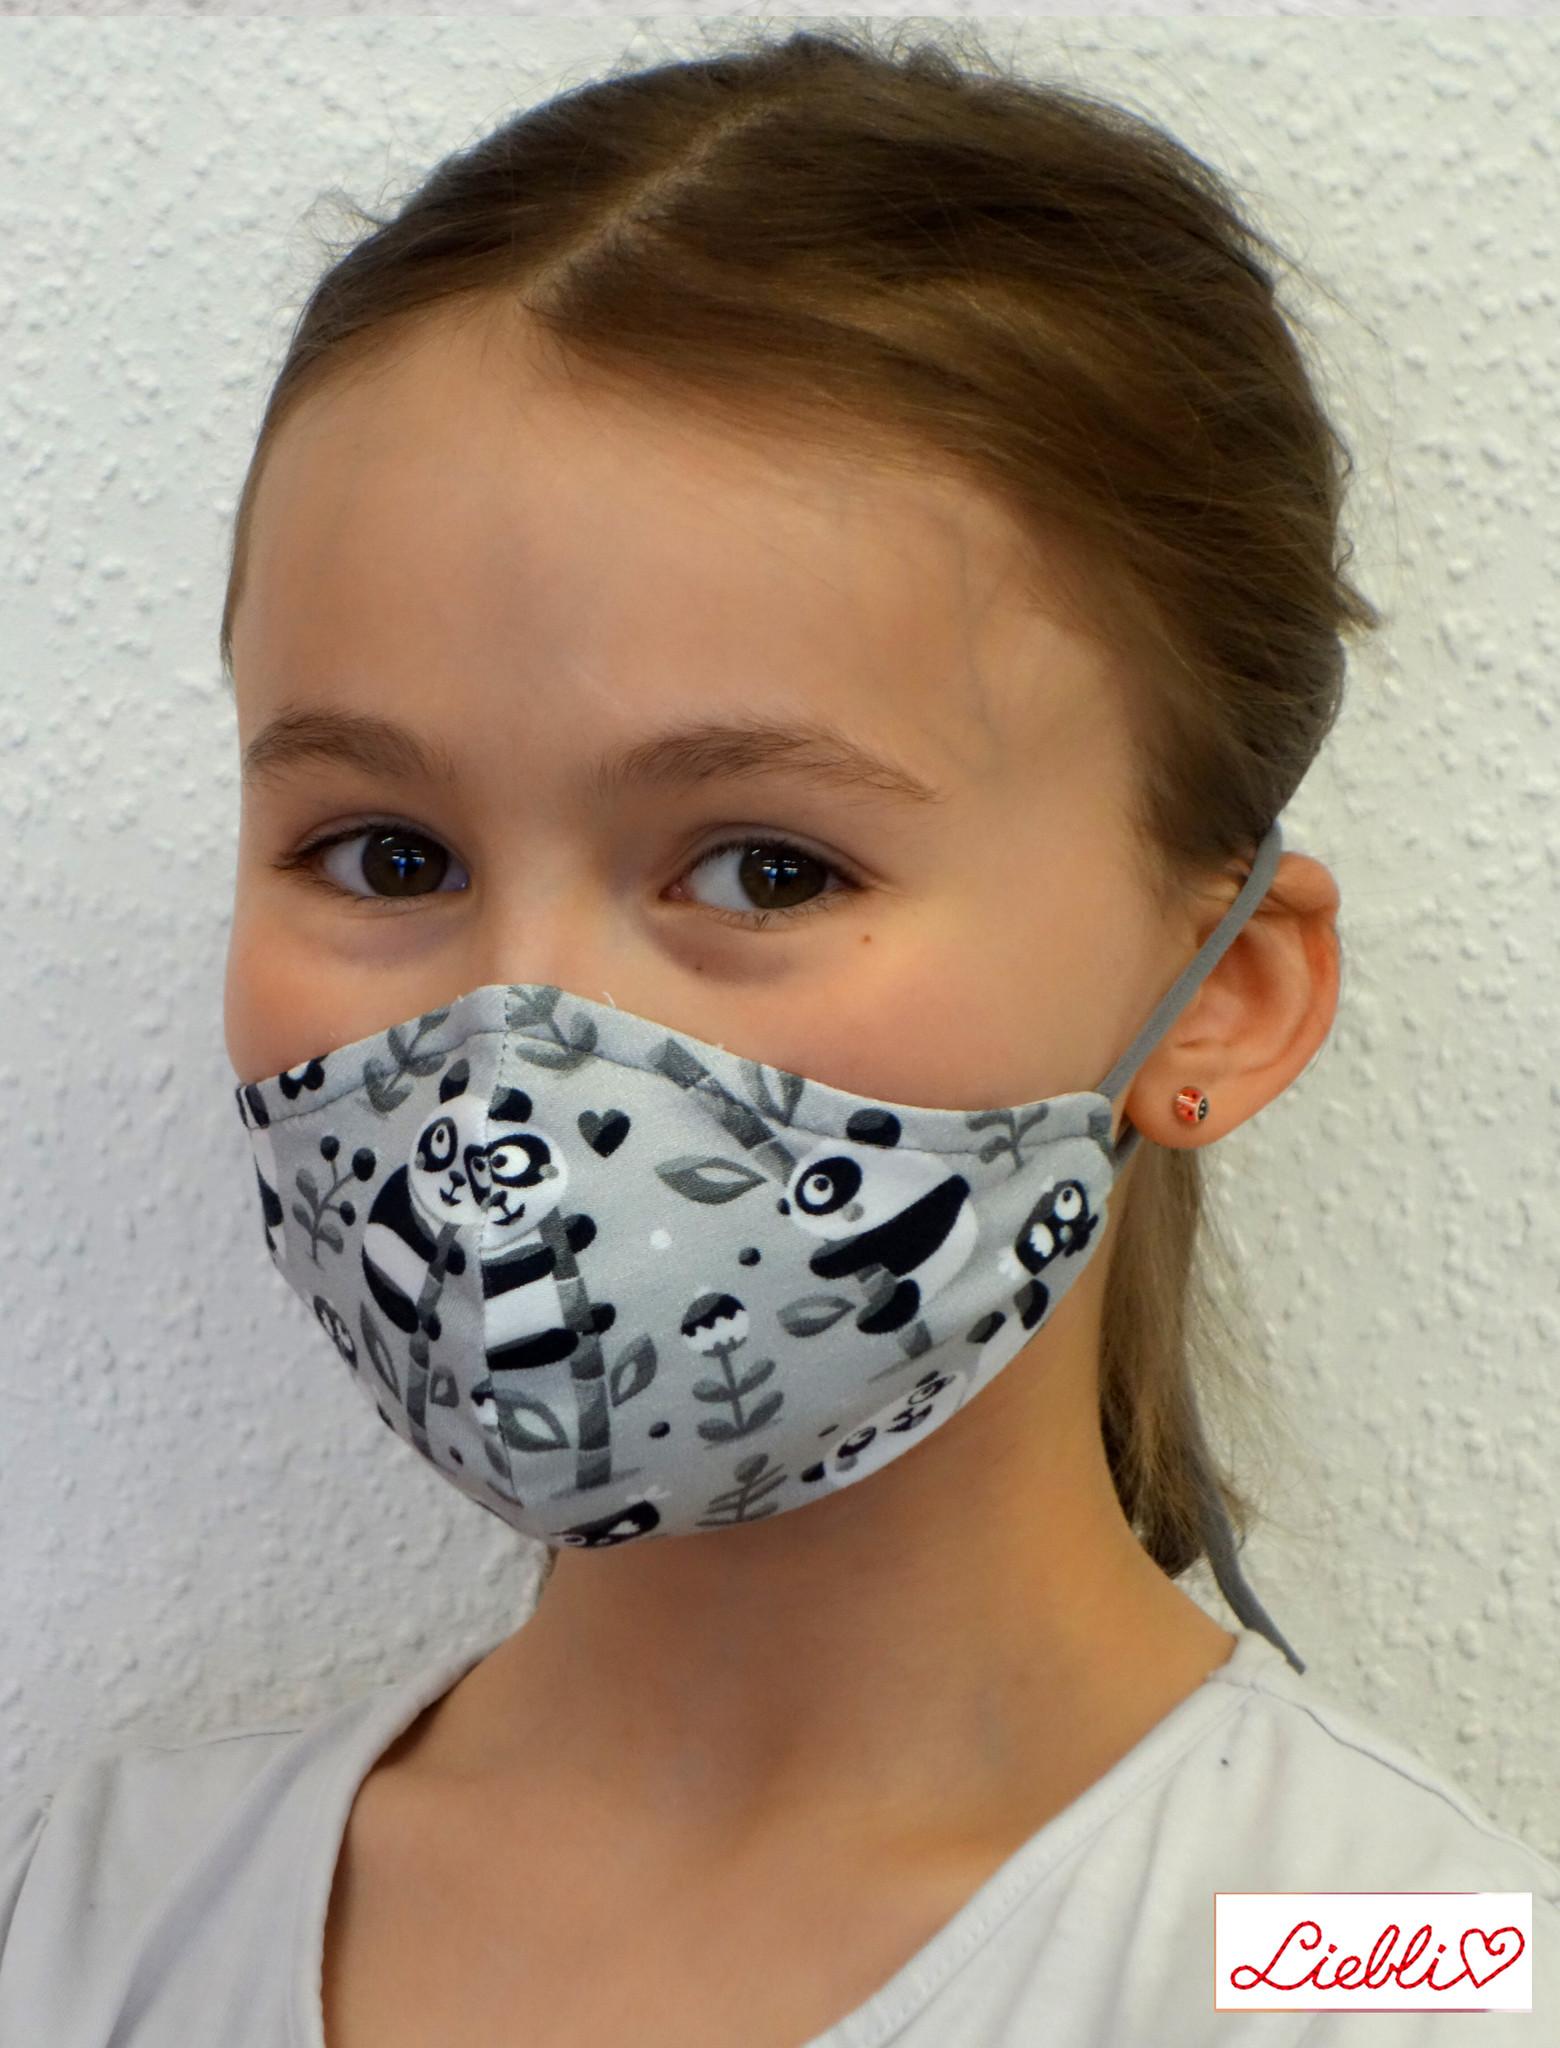 Kindermaske, Kinder Mundschutz, Mund-Nasen-Maske Panda schwarz-weiß (auch in Erwachsenen Größen)